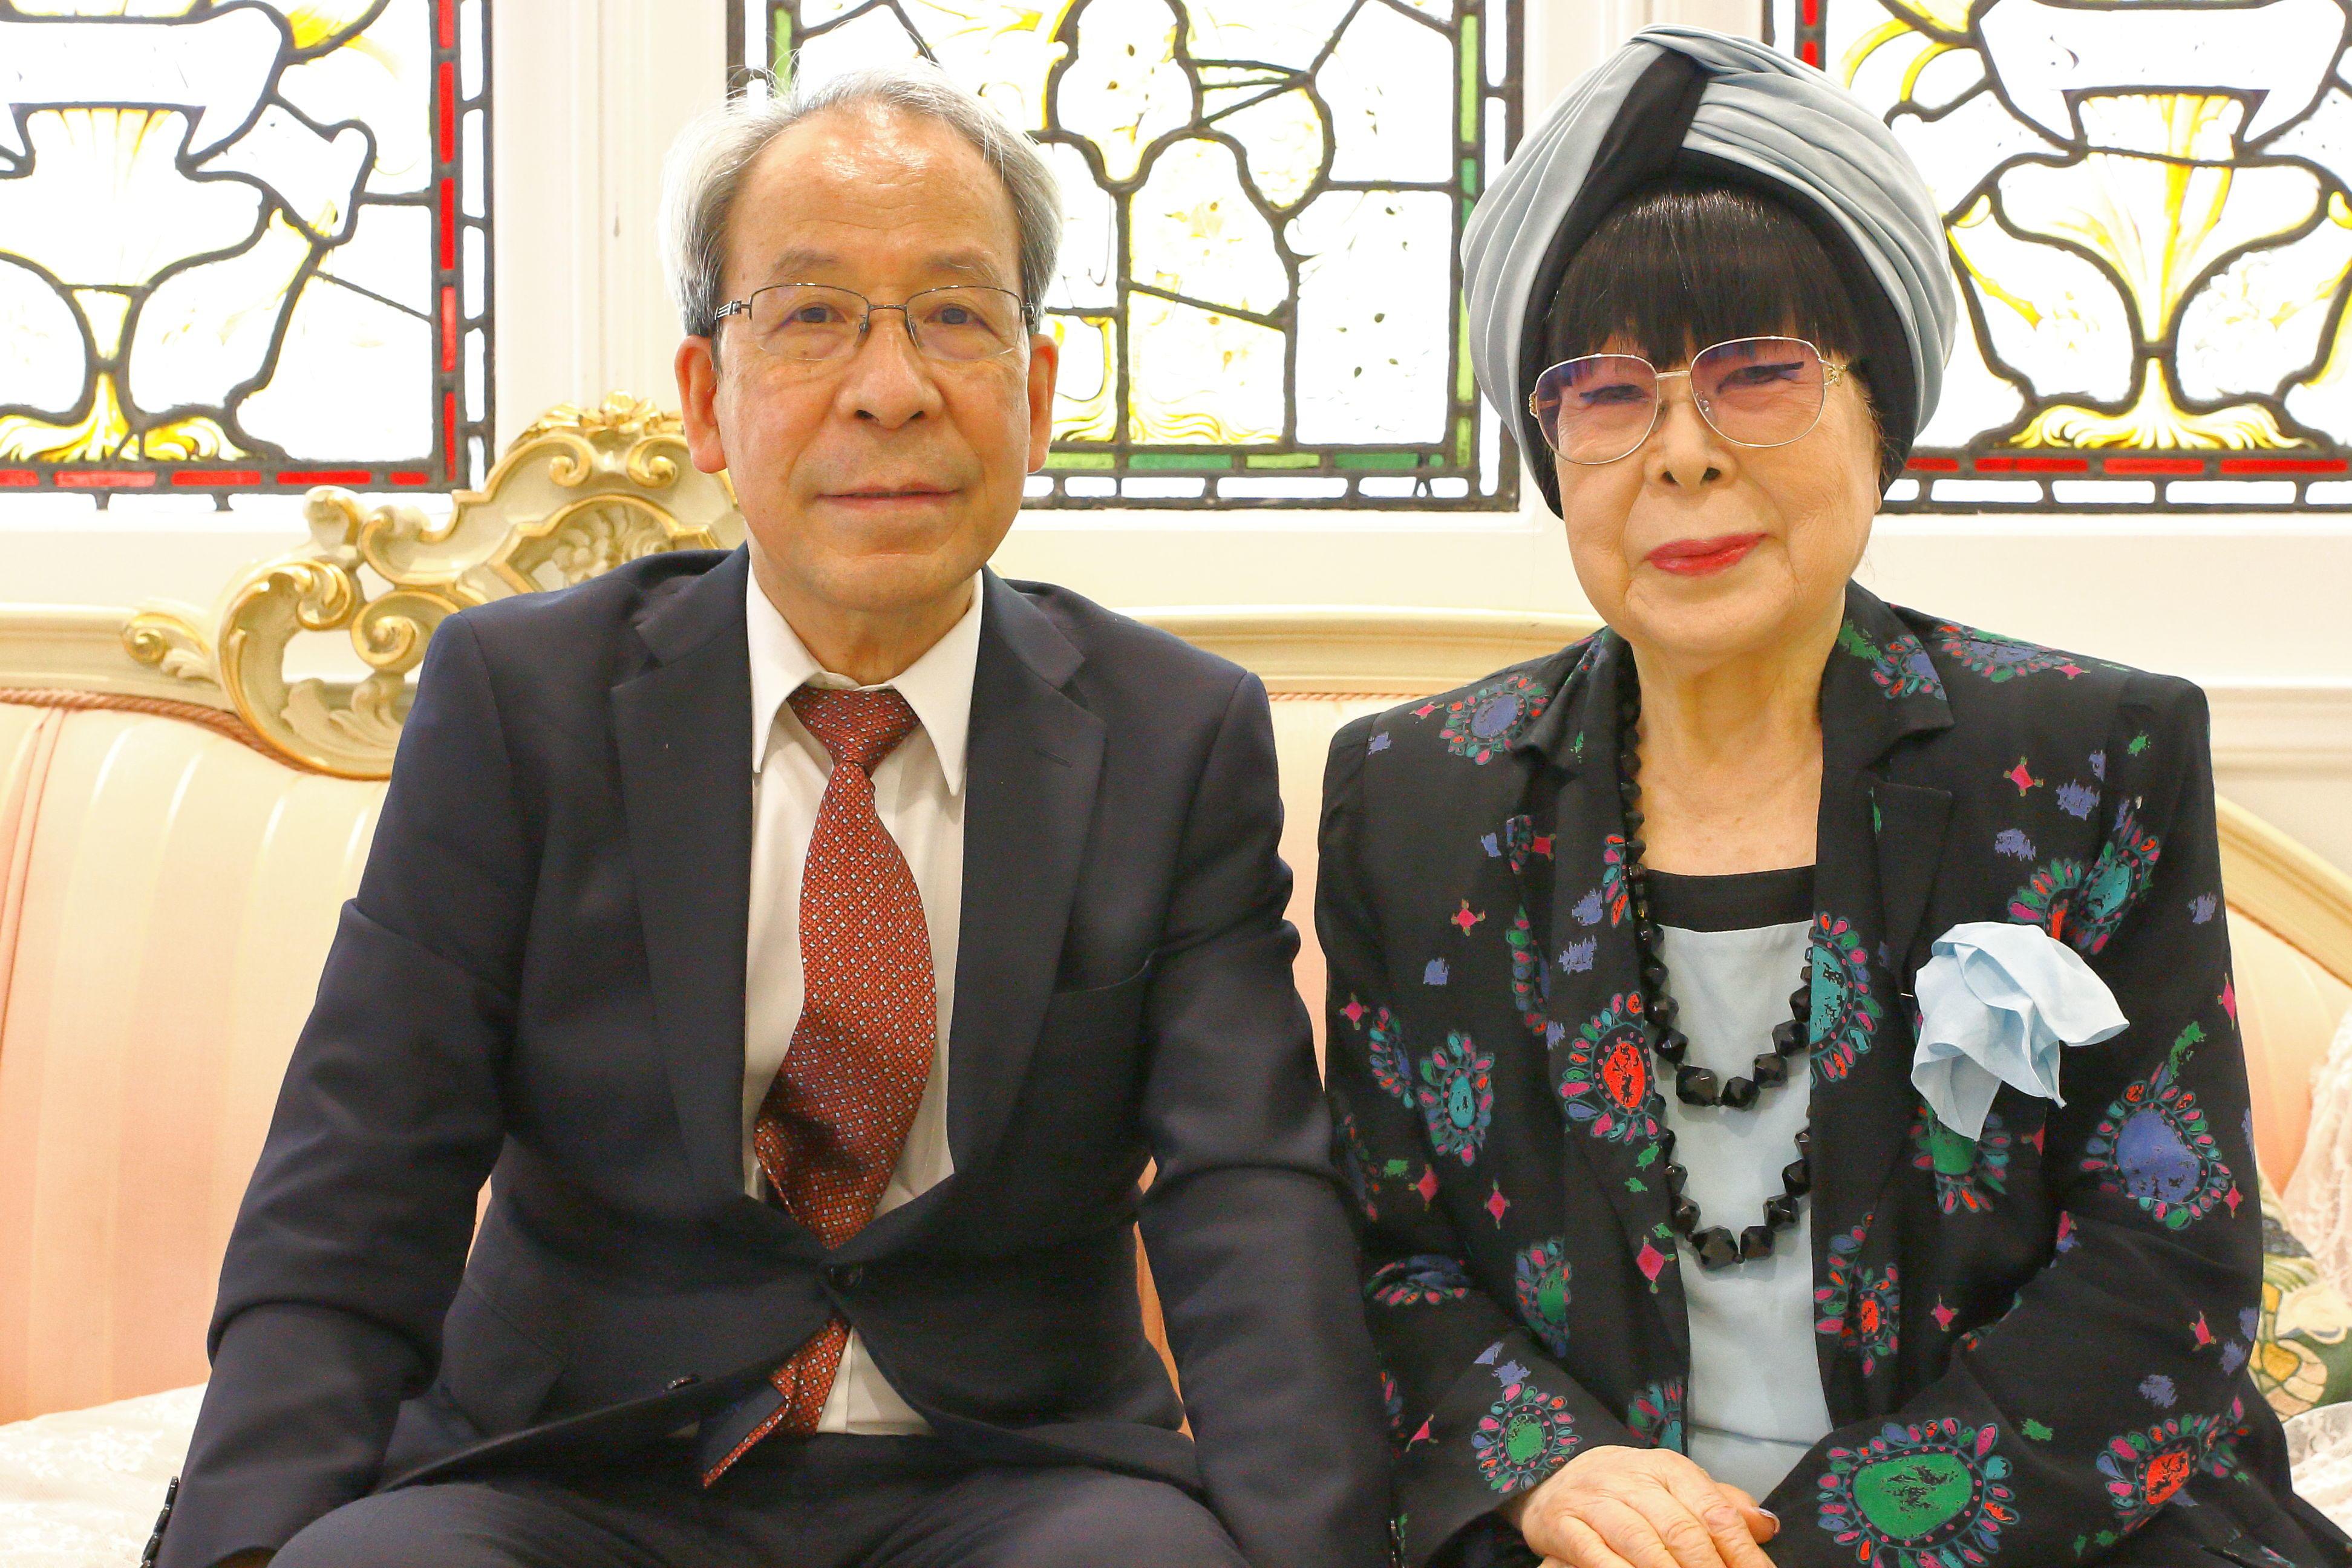 ブライダルファッションデザイナー桂由美氏のご寄付により、桂由美給付奨学金が制定されました